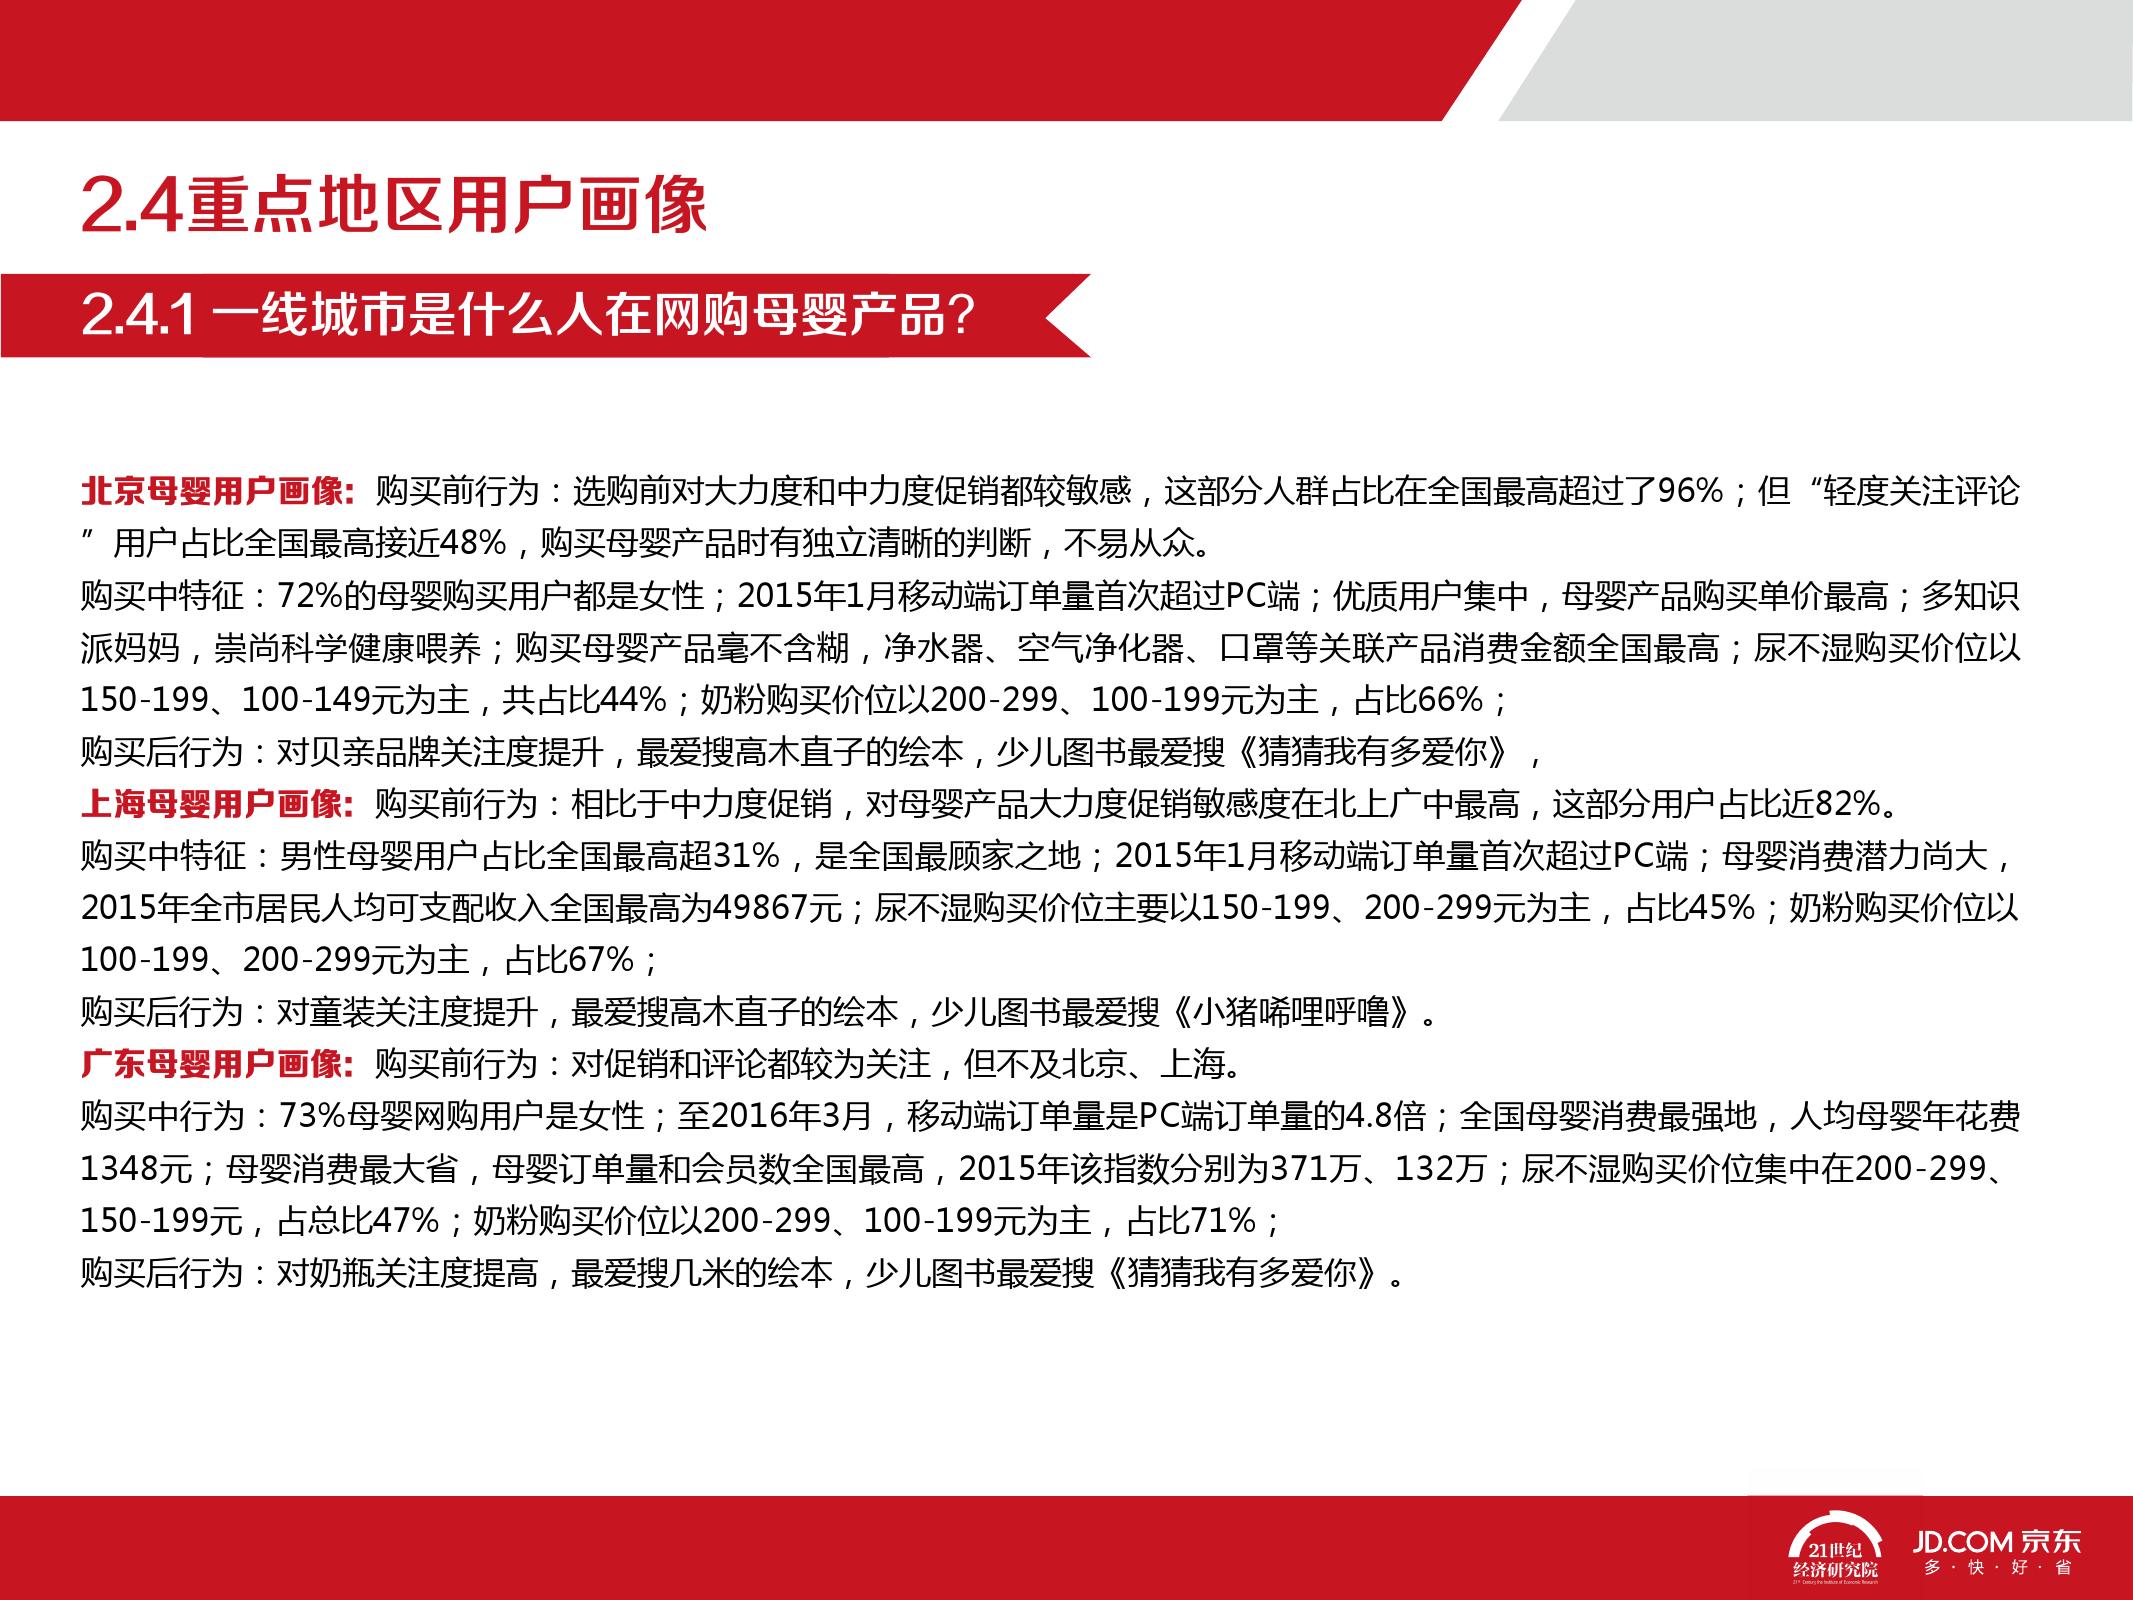 2016中国母婴产品消费趋势报告_000035